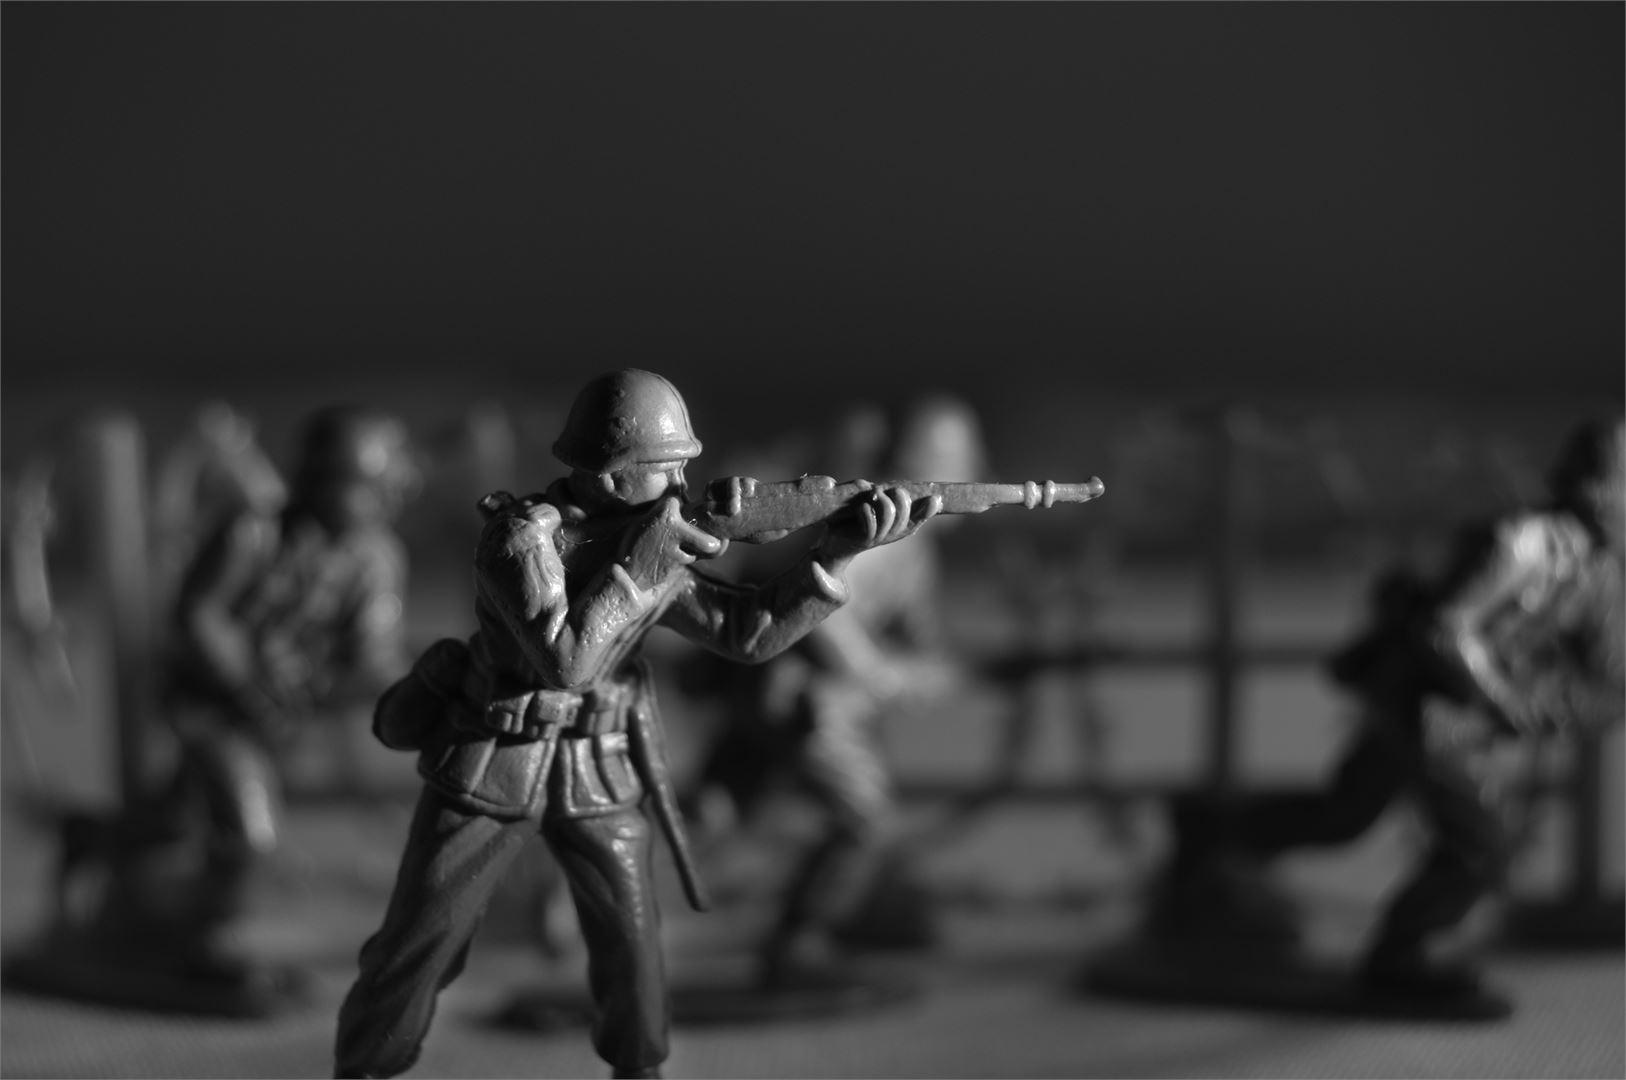 Miinalaisen mukaan voisimme vastata vieraan vallan hyökkäykseen esimerkiksi lakkoilemalla.